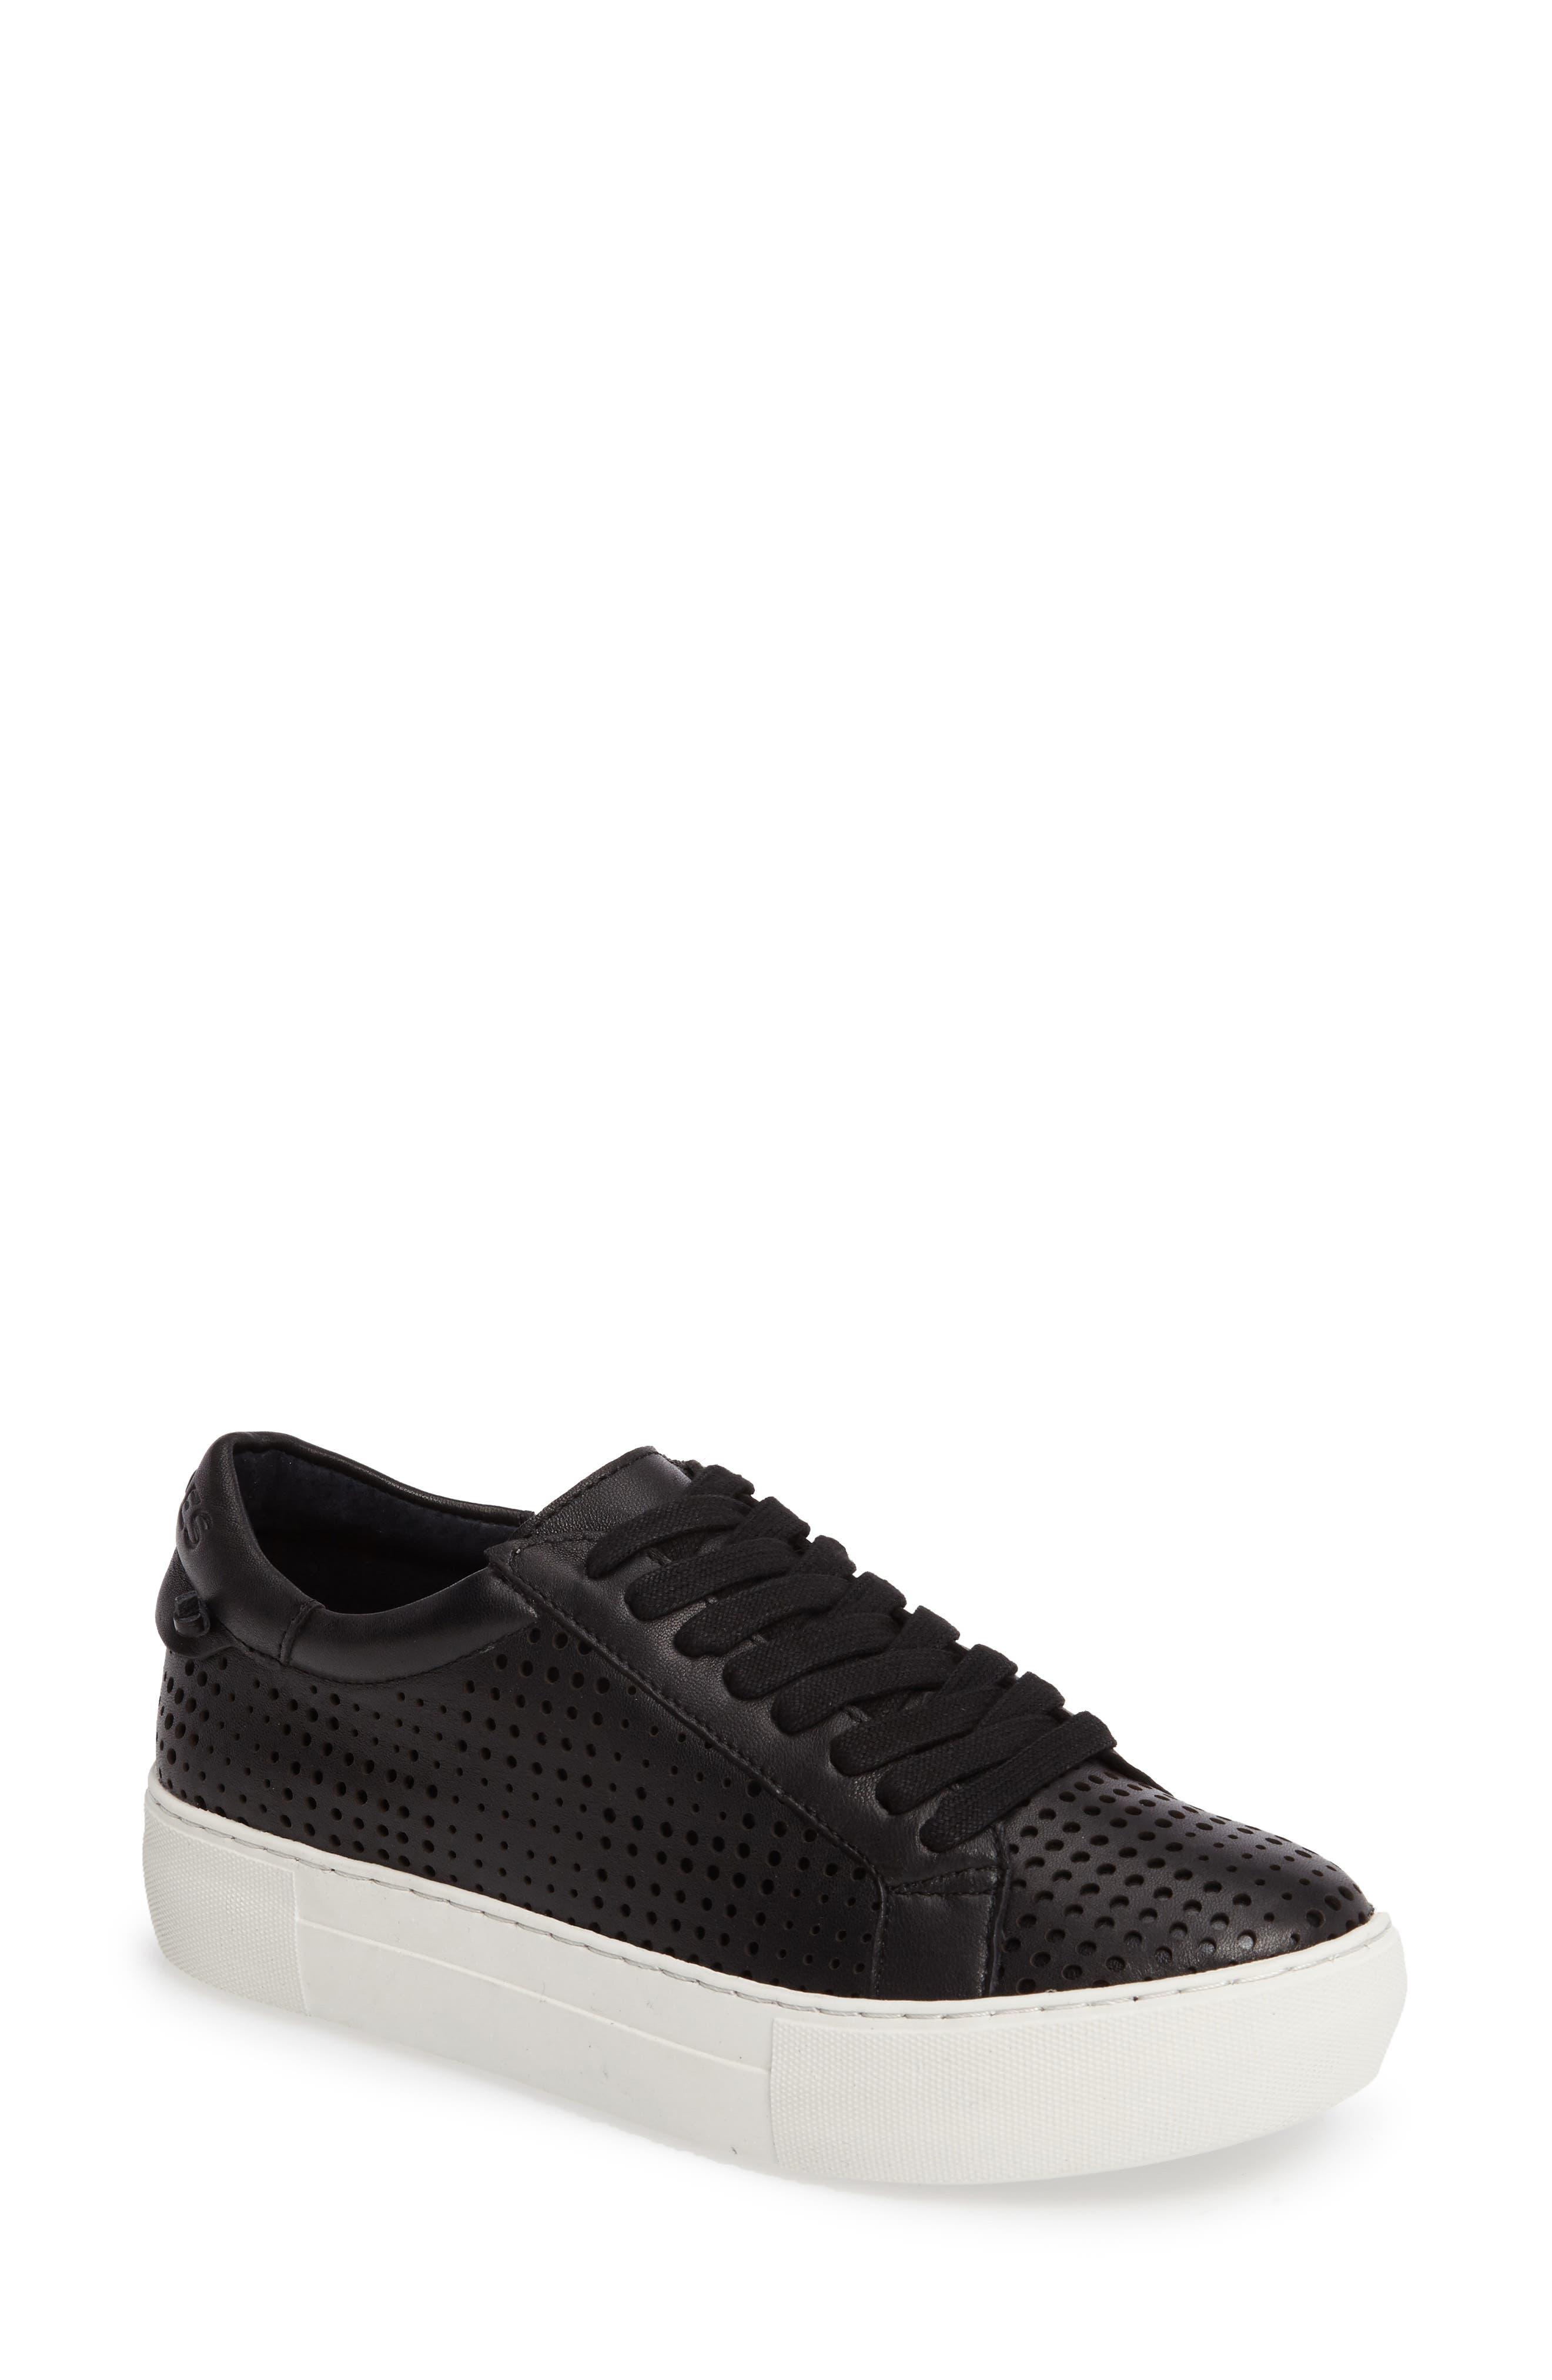 Alternate Image 1 Selected - JSlides Audrina Platform Sneaker (Women)